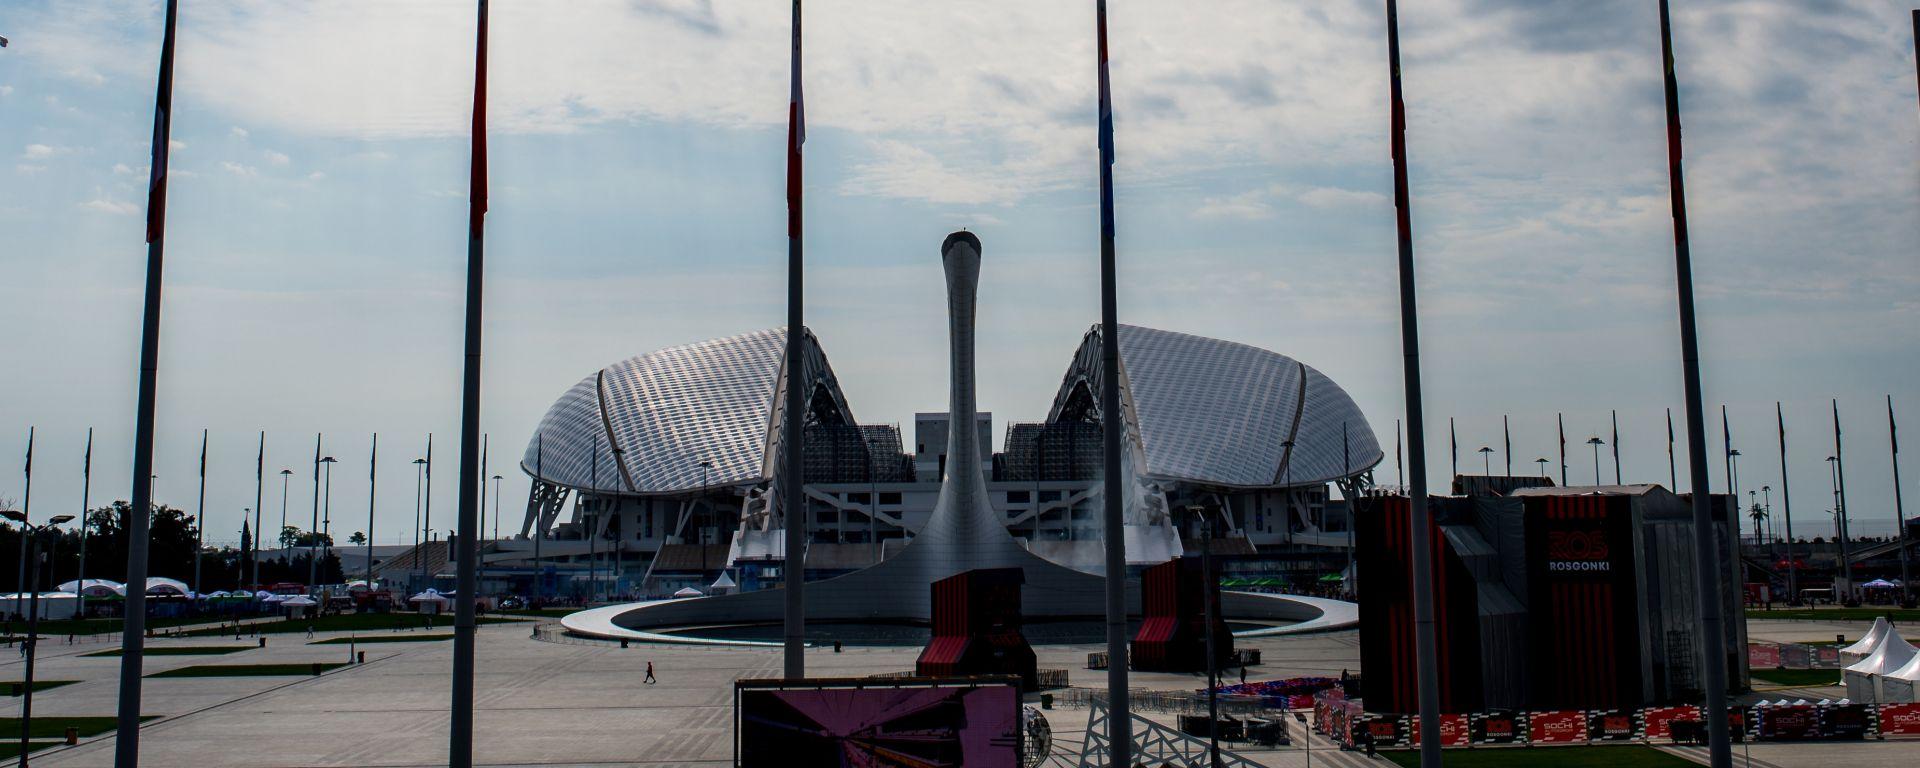 F1 GP Russia 2019, Sochi: Atmosfera del circuito